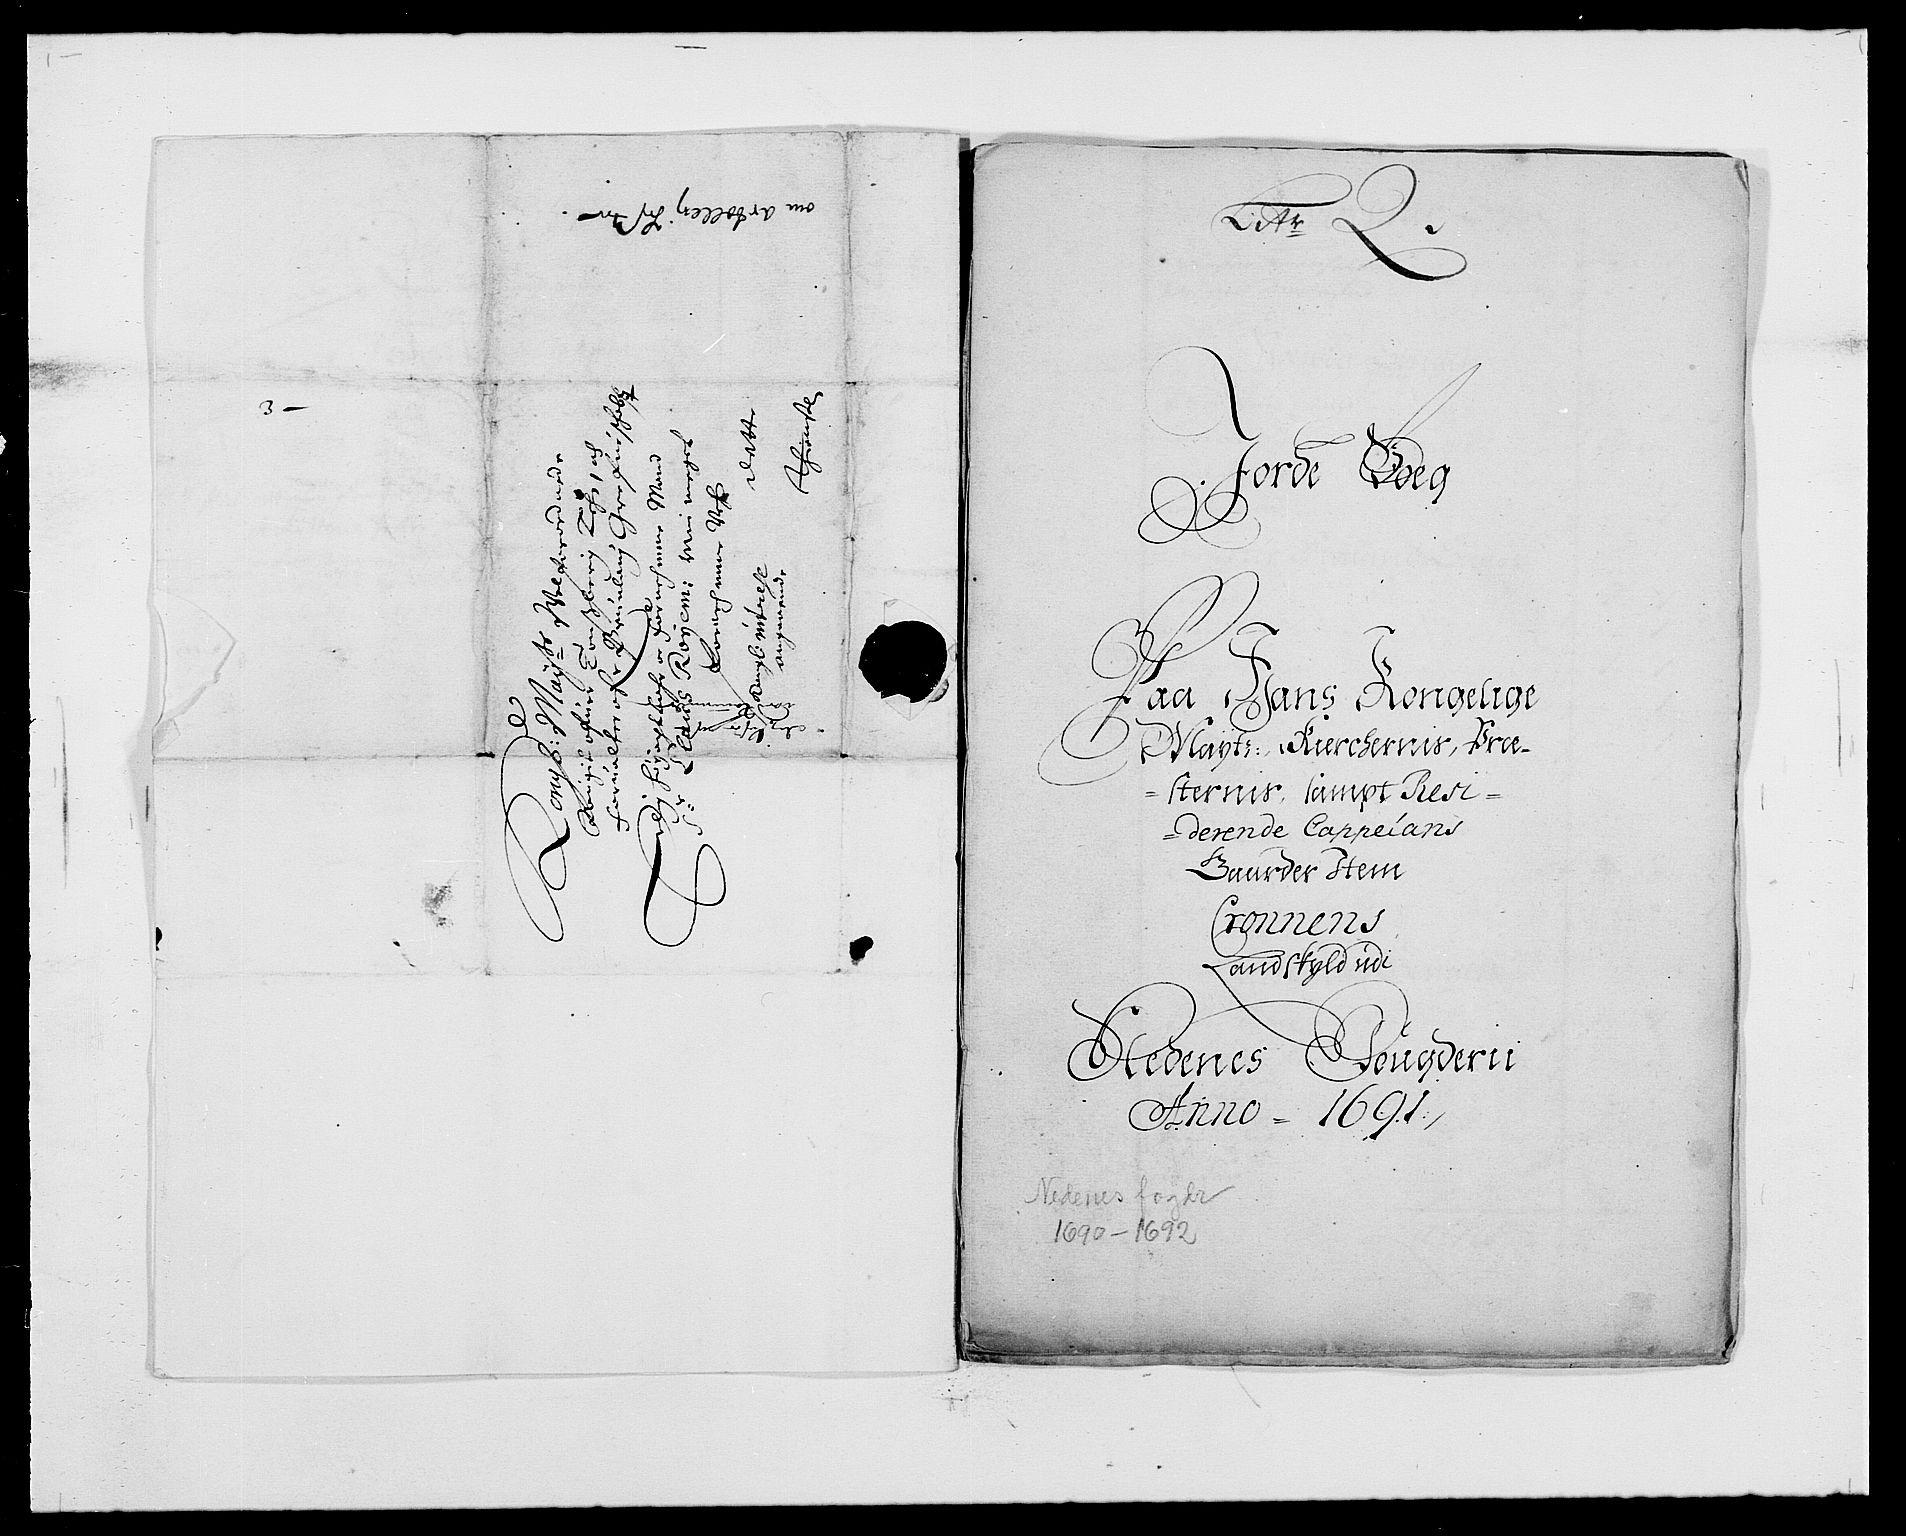 RA, Rentekammeret inntil 1814, Reviderte regnskaper, Fogderegnskap, R39/L2311: Fogderegnskap Nedenes, 1690-1692, s. 4